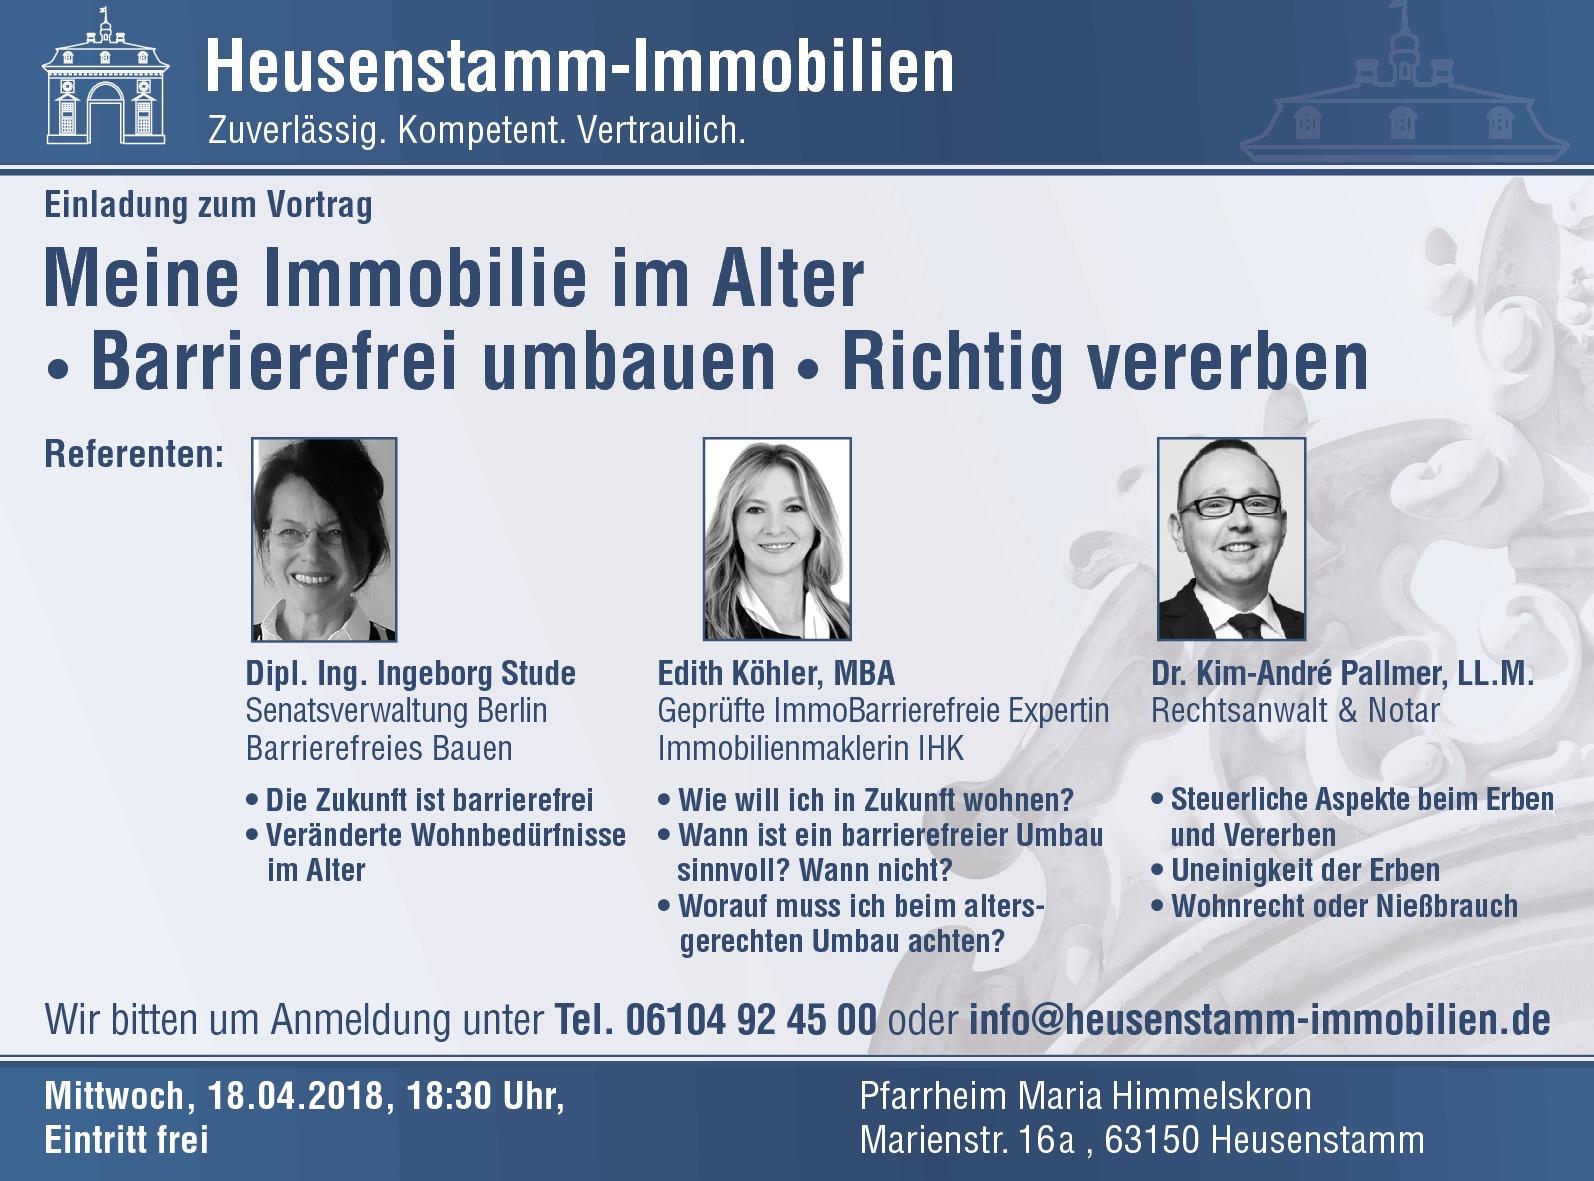 Einladung zum Vortrag Heusenstamm Immobilien